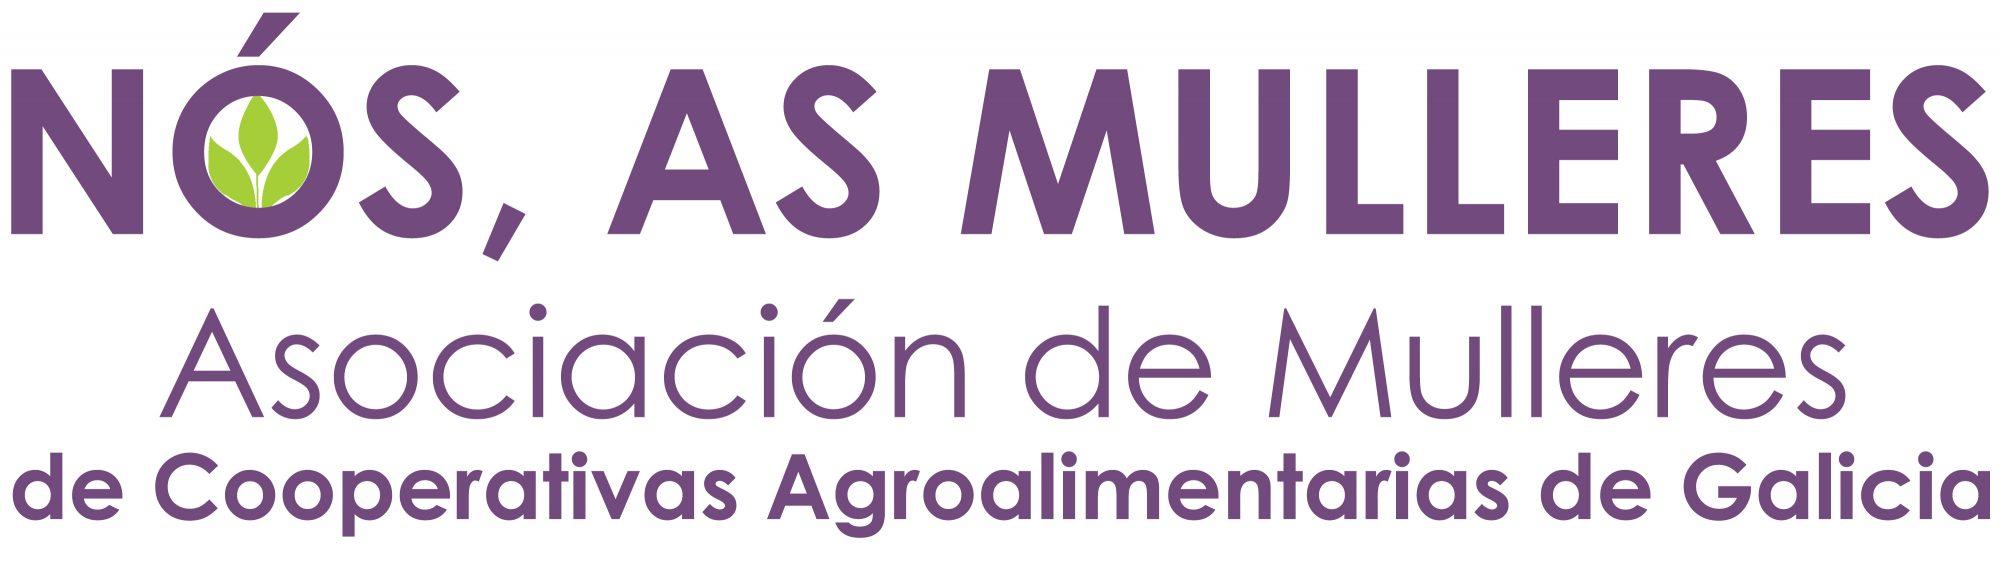 """Presentamos """"Nós, as mulleres"""", a Asociación de mulleres de cooperativas agroalimentarias de Galicia"""